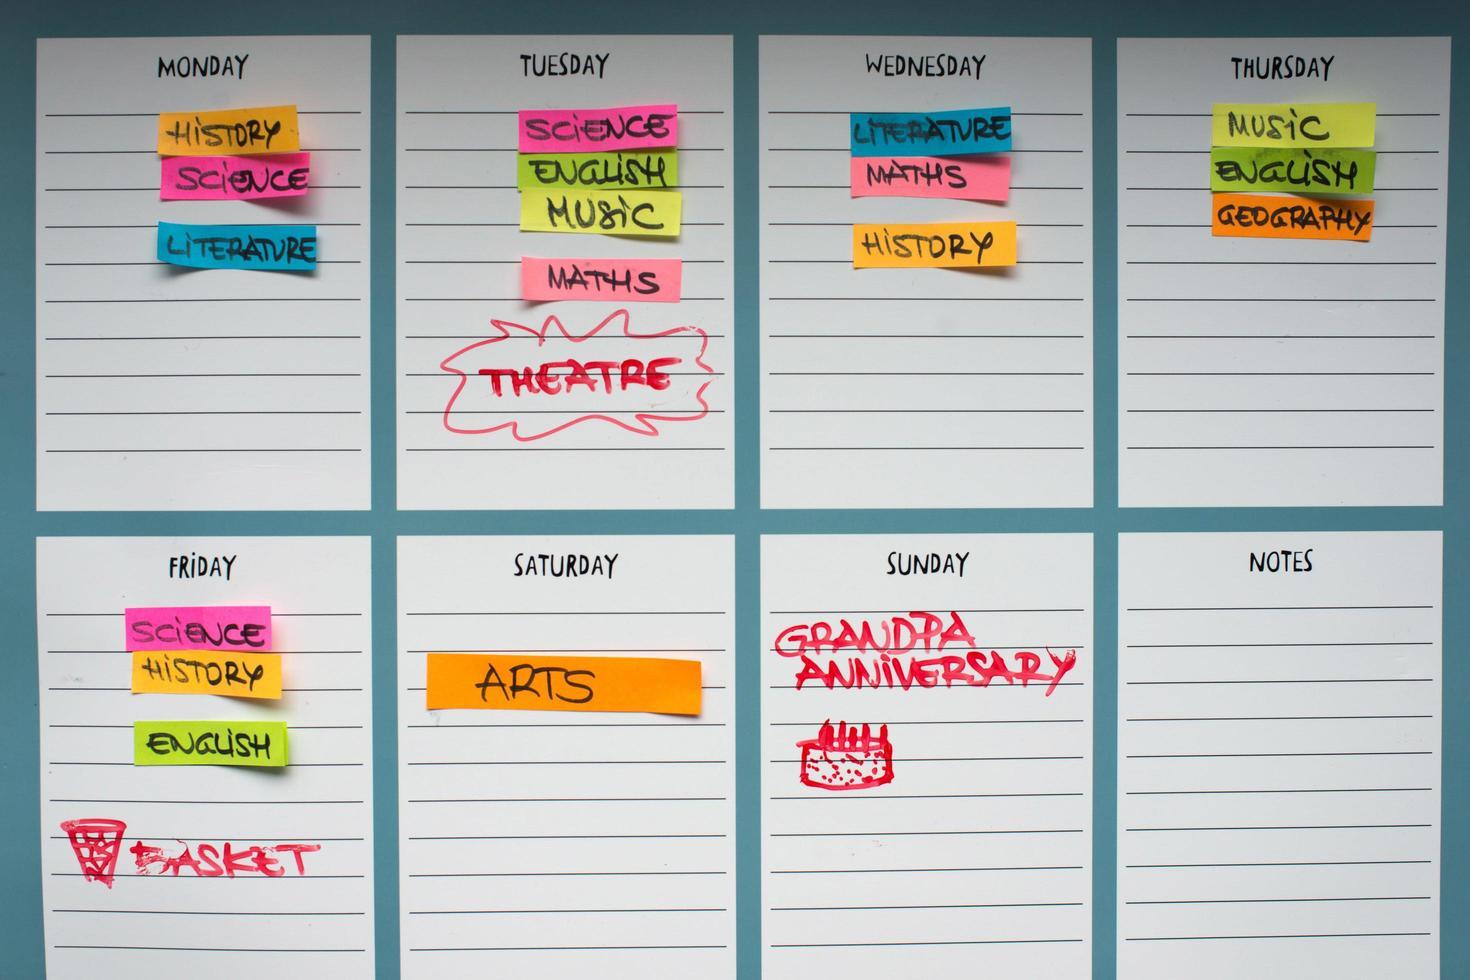 planificador académico con asignaturas académicas y actividades de tiempo libre. foto